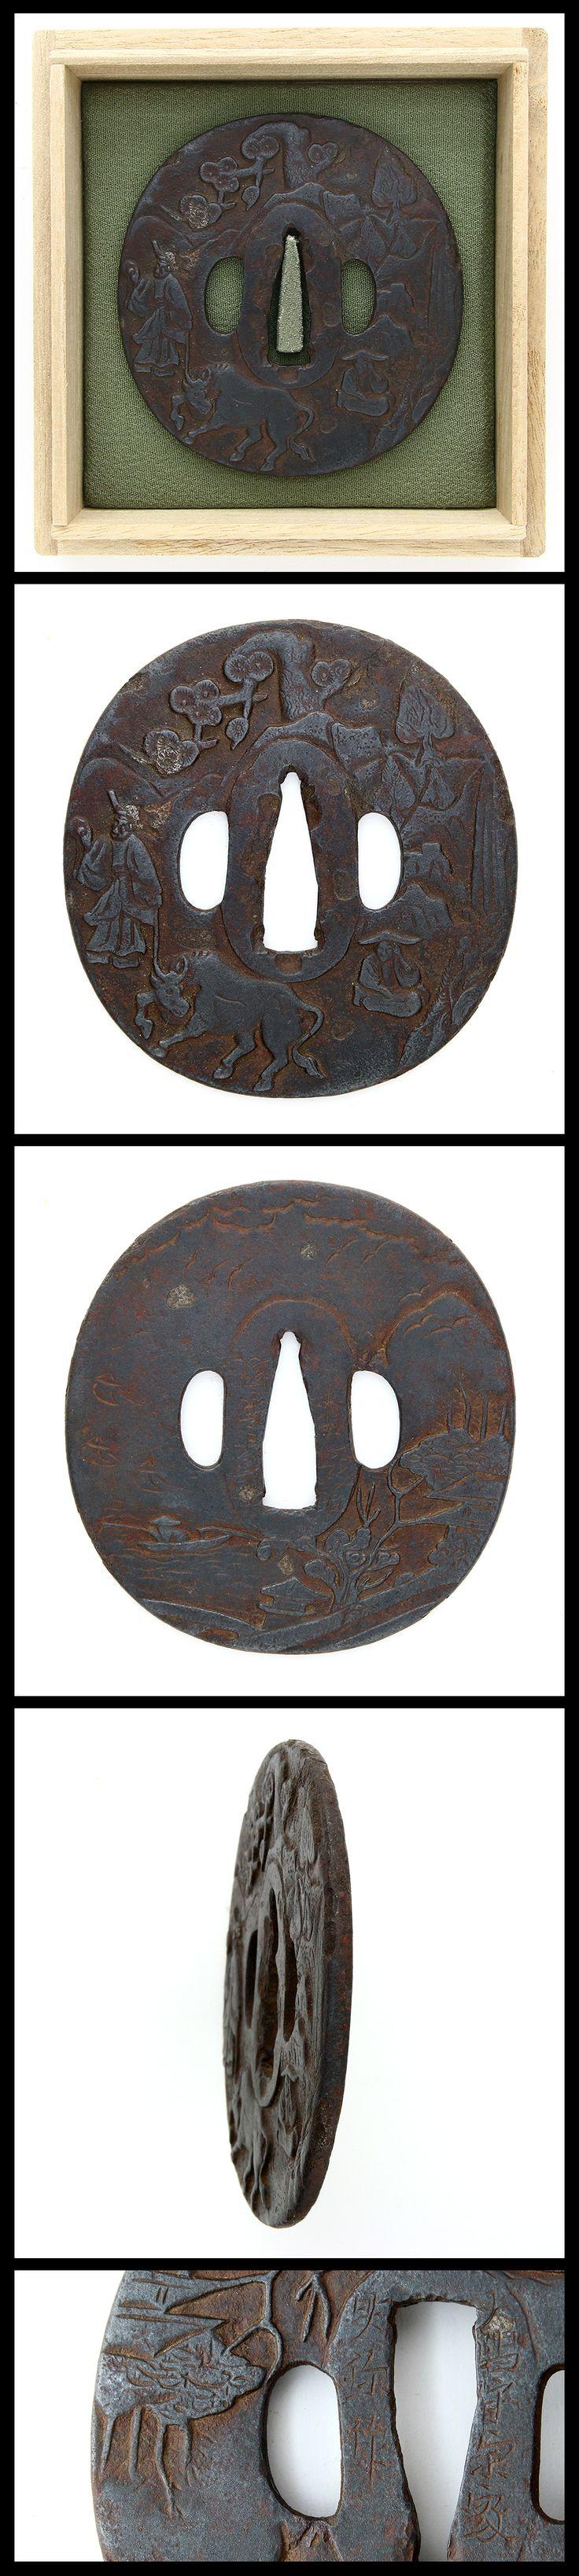 Edo Cowherd engraved on round shape iron Tsuba.